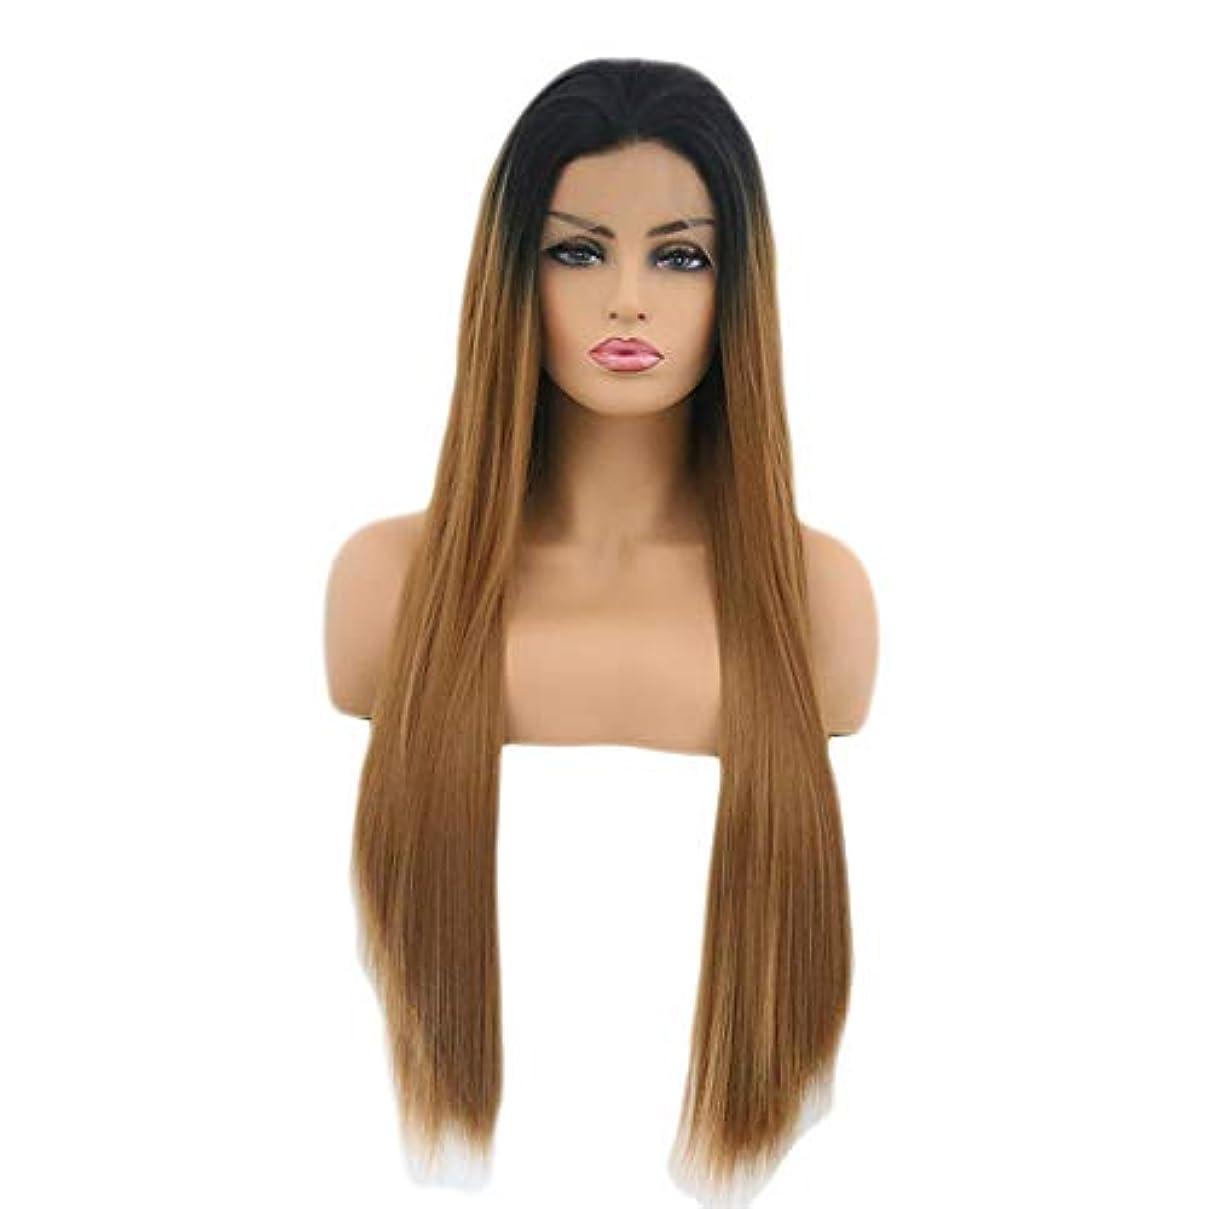 民兵興奮証拠ファッショナブルな女性のかつら、長いストレートの髪のかつら、任意の頭の形のための高温ワイヤー調節可能なかつら16-26インチの自然なフロントレースのグラデーション